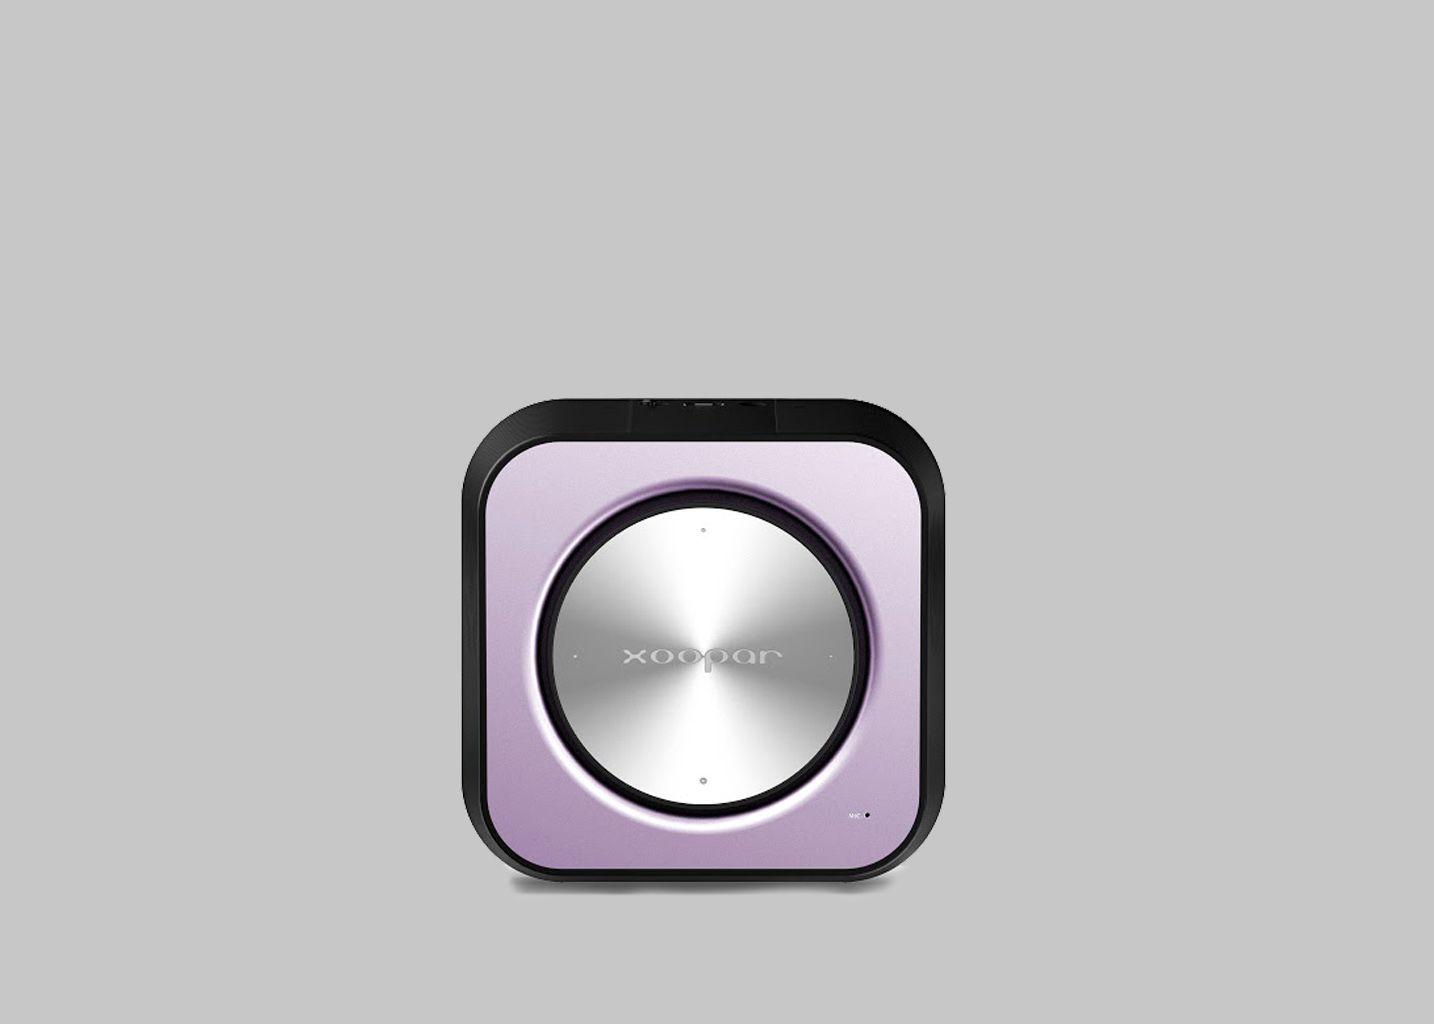 Enceinte Punchbox - Xoopar